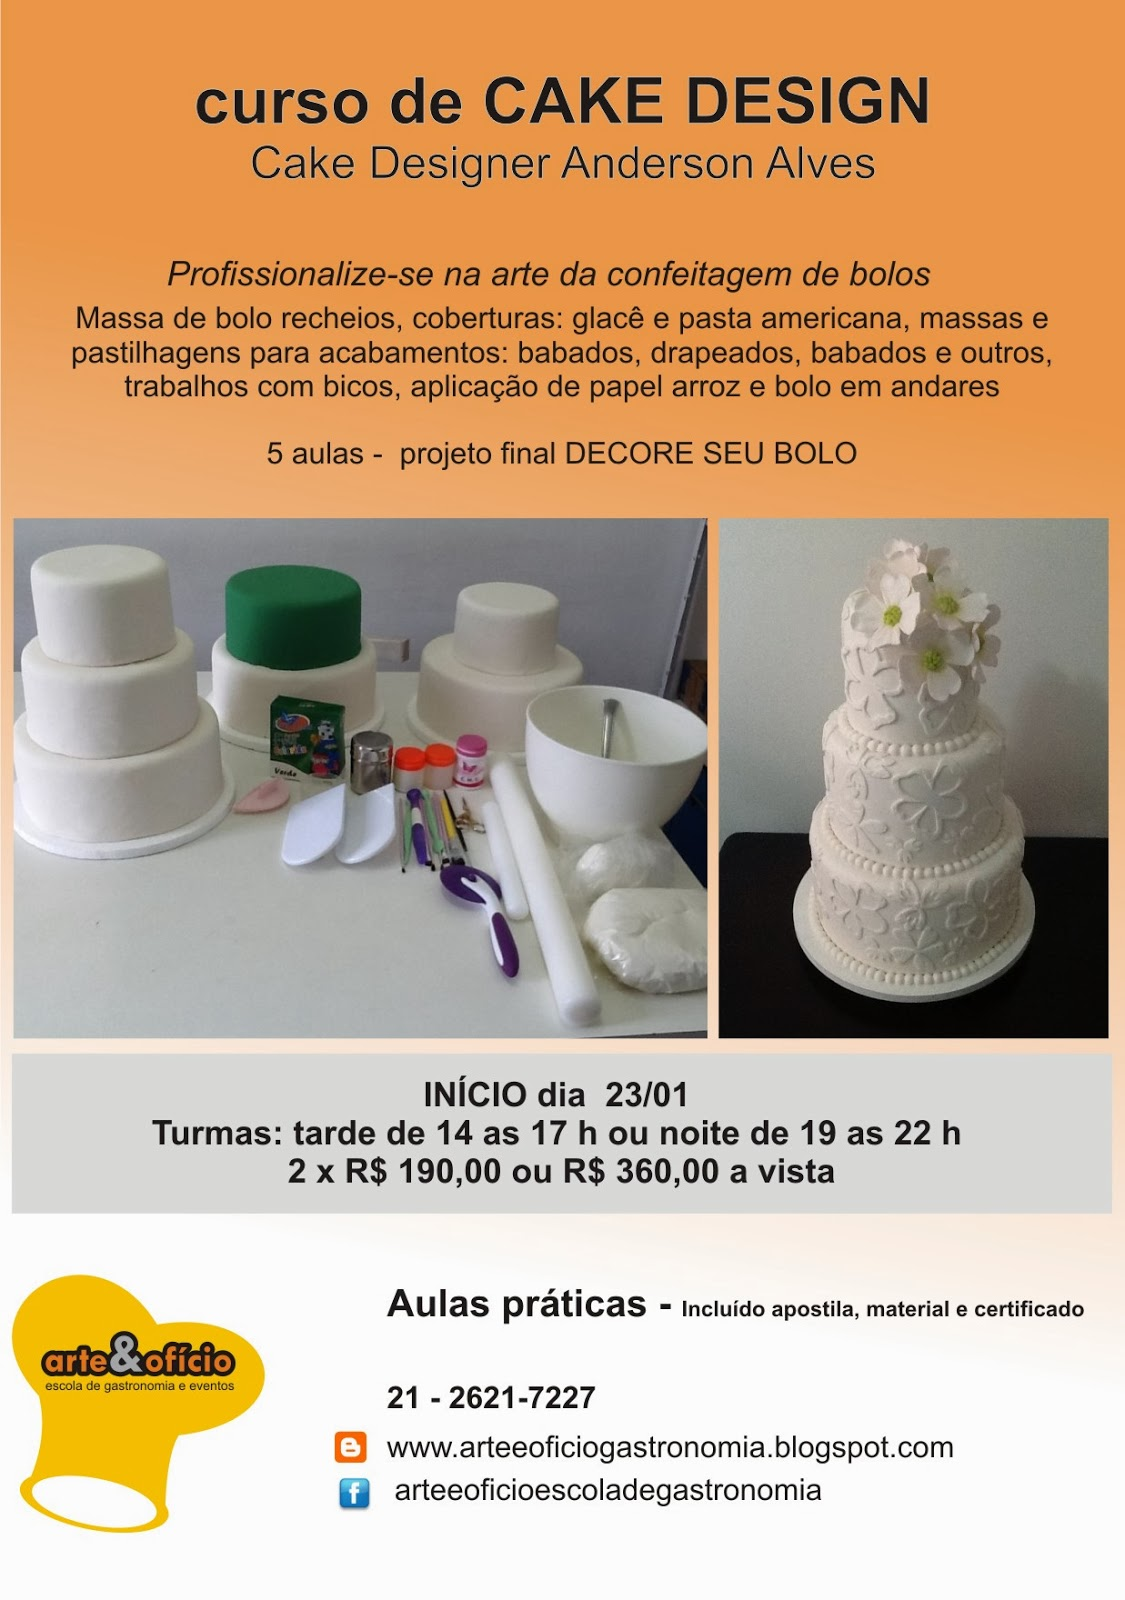 Curso De Cake Design Viseu : Arte e Oficio: curso de CAKE DESIGN - turmas TARDE E NOITE